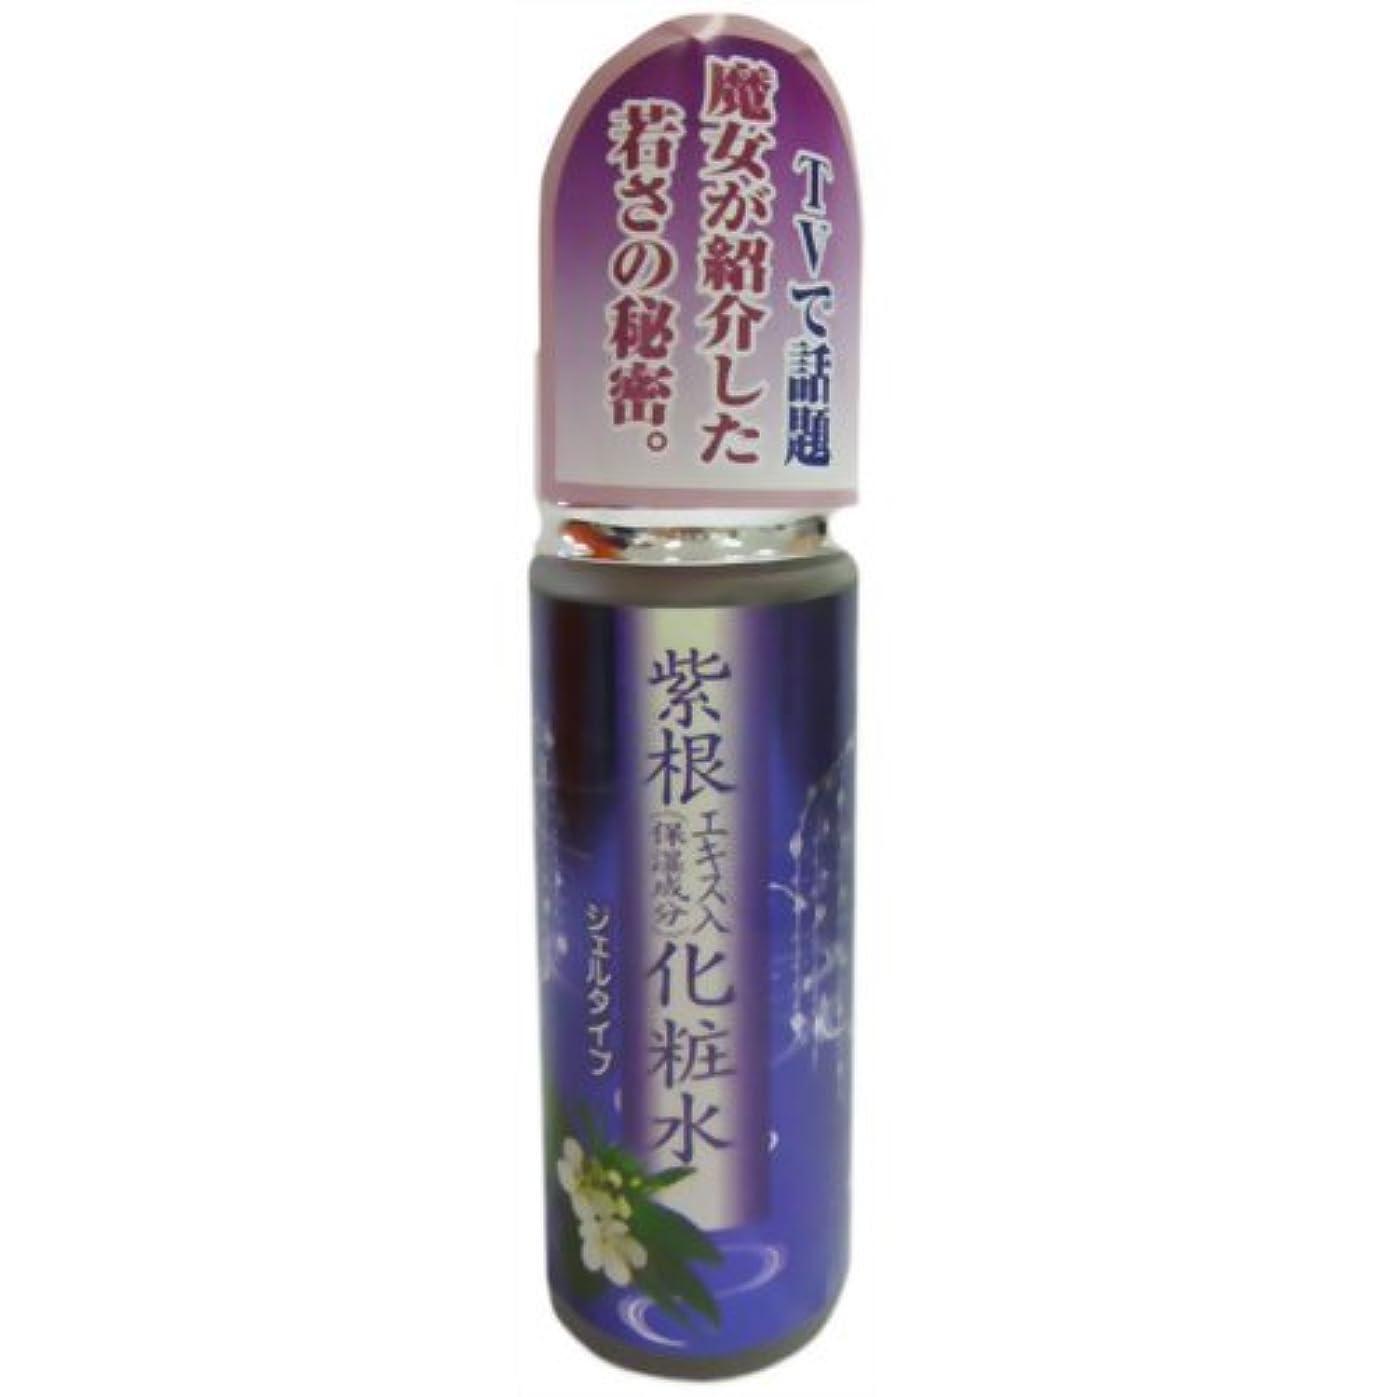 発表するテレマコス義務づける紫根ジェルローション 120ml